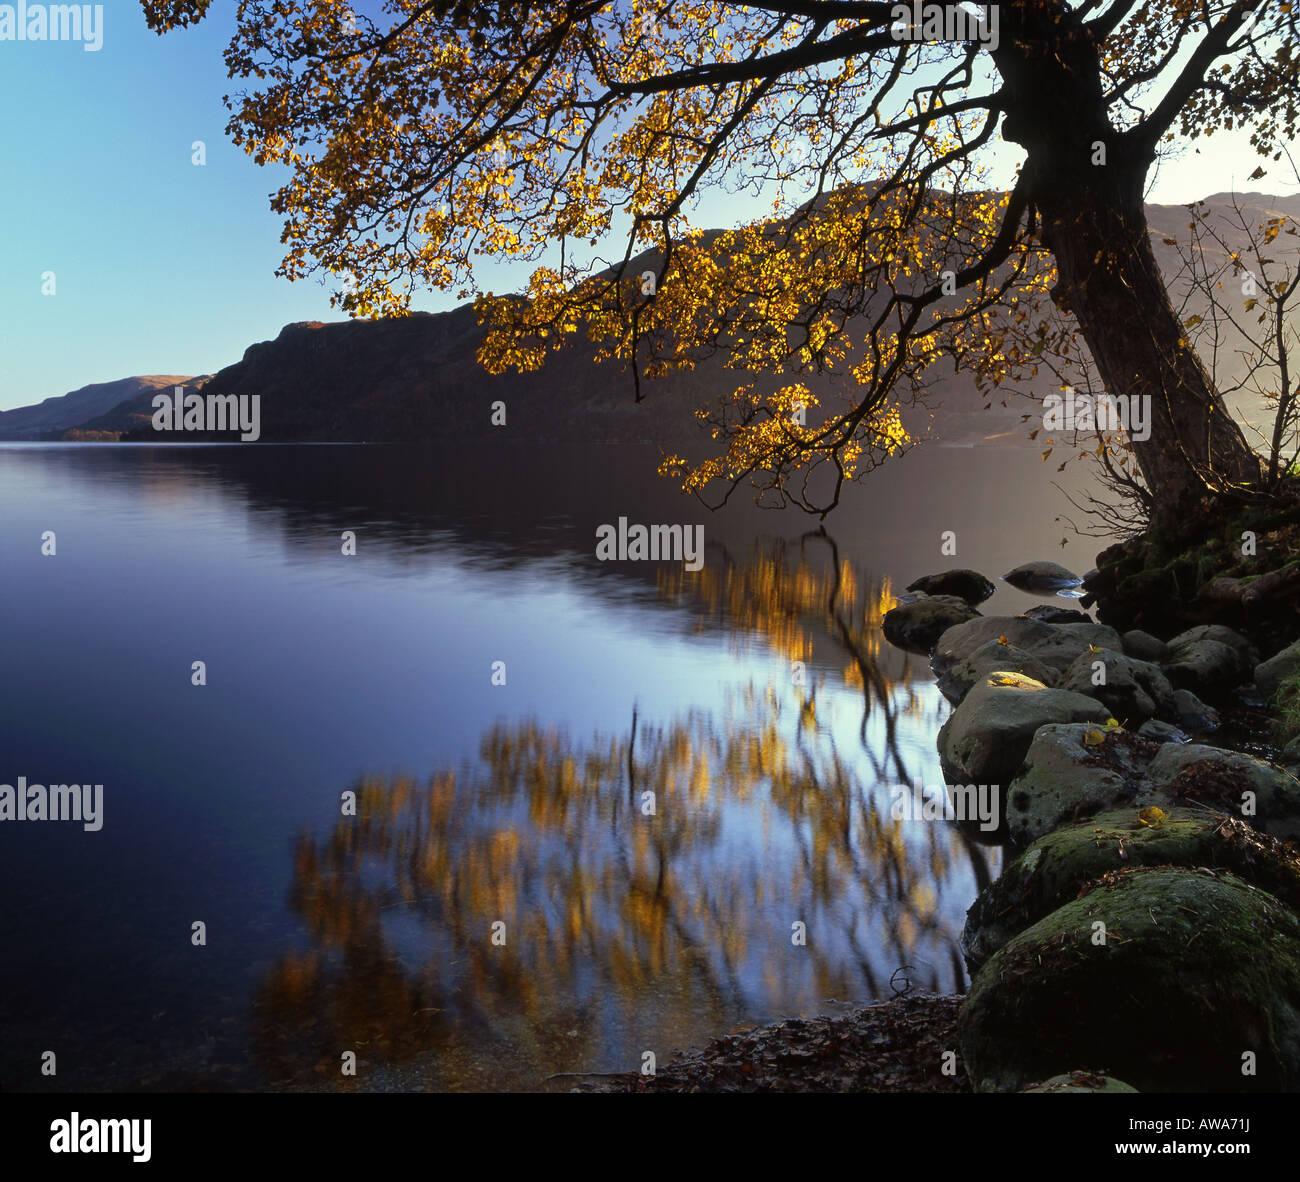 Herbst auf Ullswater und Patterdale gemeinsamen Ullswater, Nationalpark Lake District, Cumbria, England, UK Stockbild